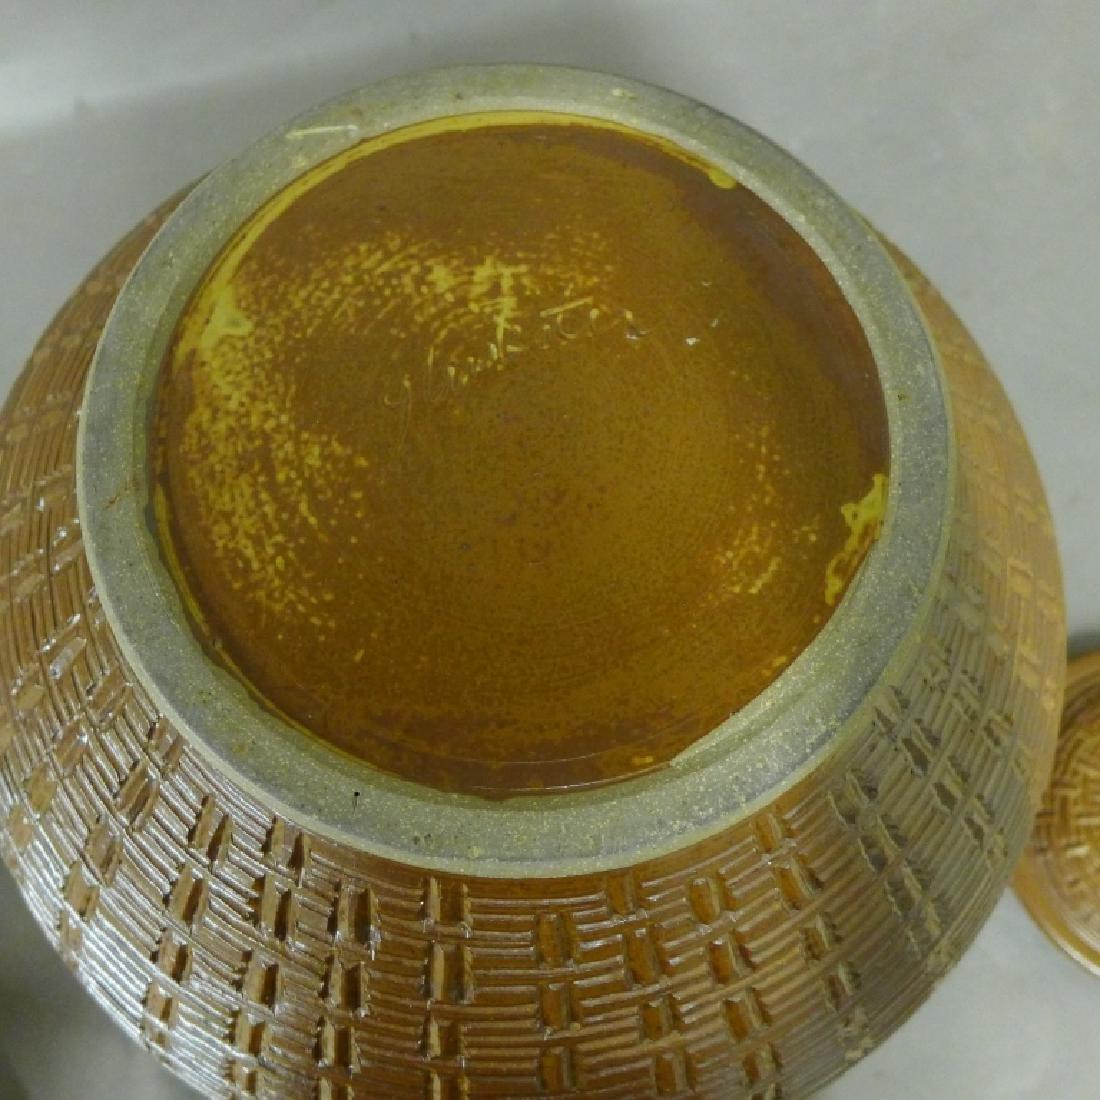 Basket Weave Impressed Ceramic Covered Jar - 6